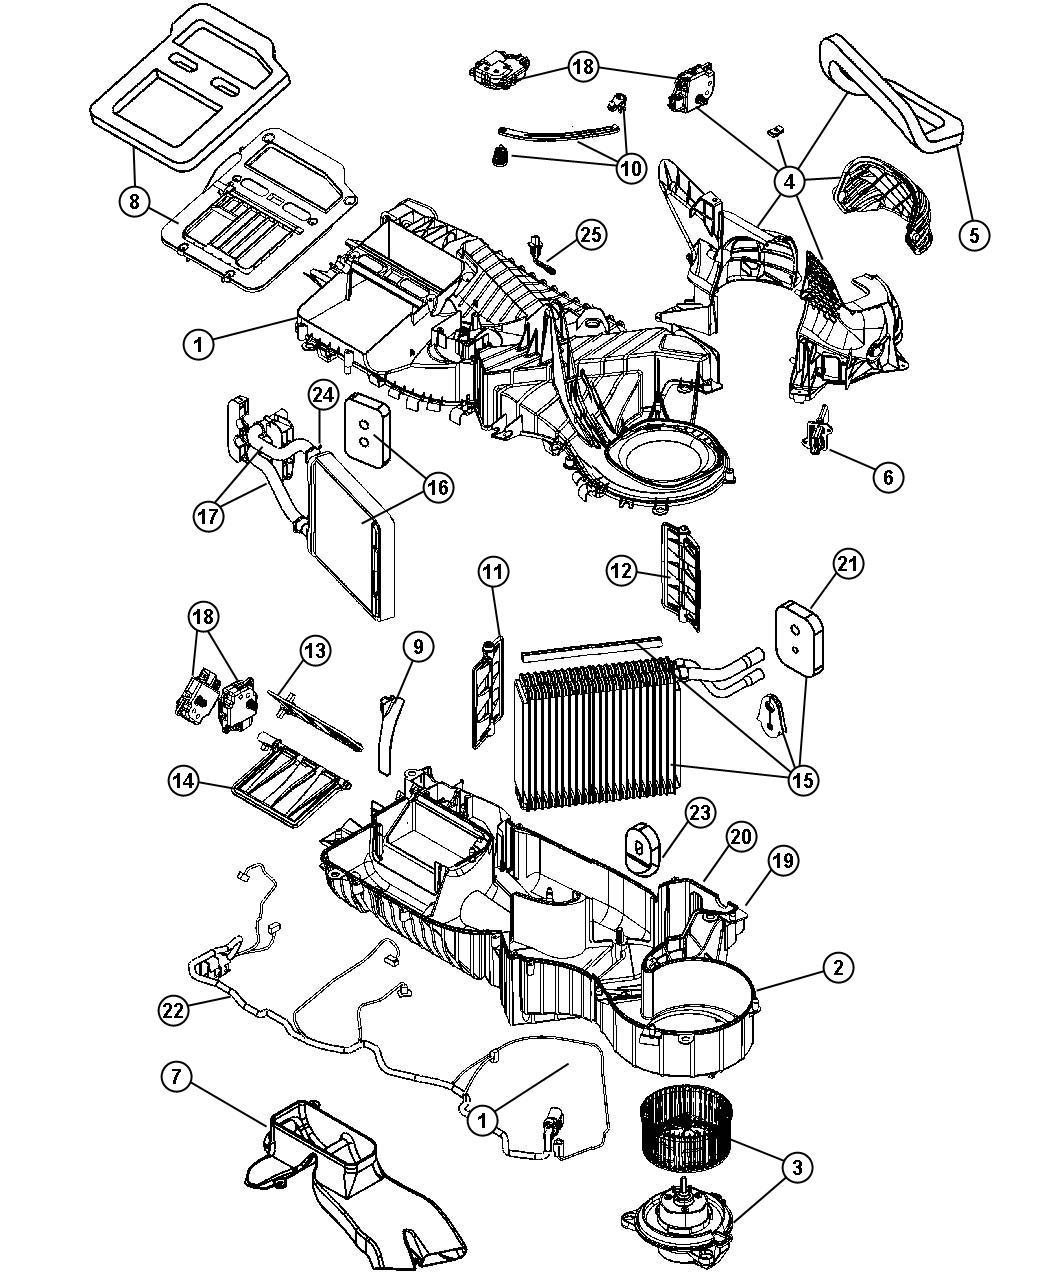 Dodge Dakota Duct. Floor. Conditioning, heater, unit